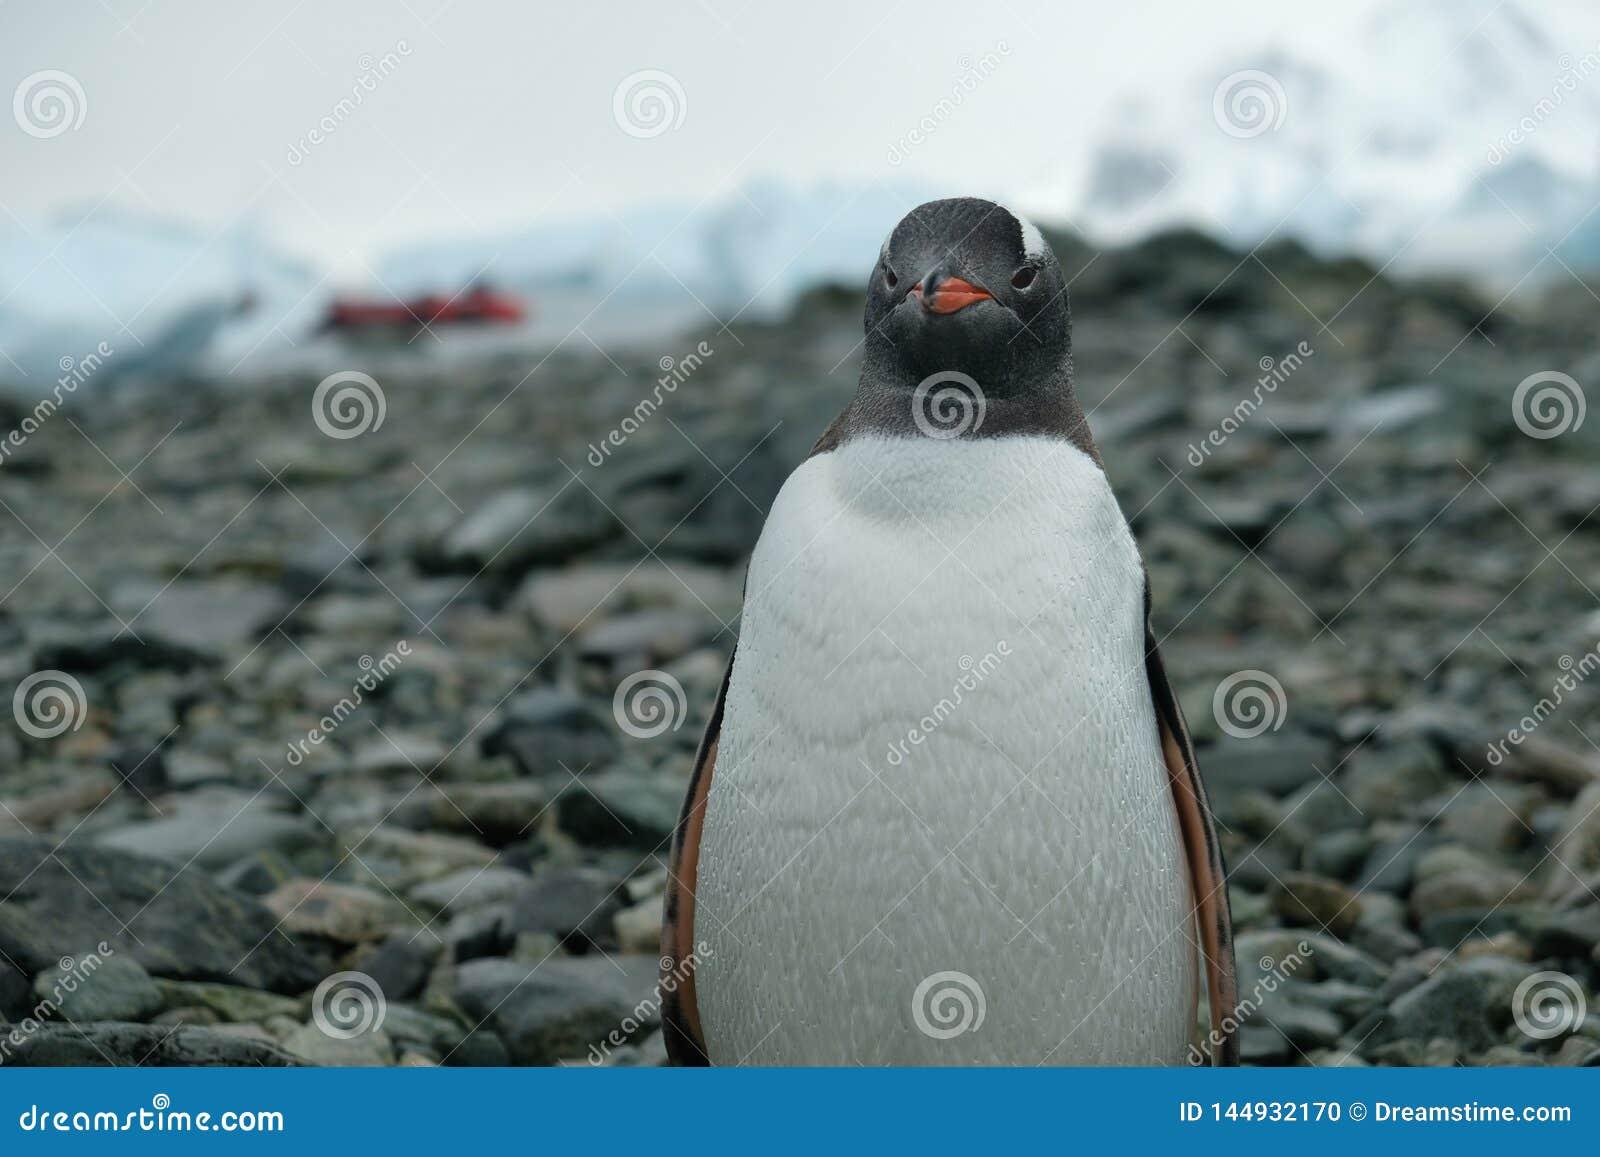 Il pinguino dell Antartide Gentoo sta sulla spiaggia rocciosa con le gocce di acqua sulle piume, barca rossa